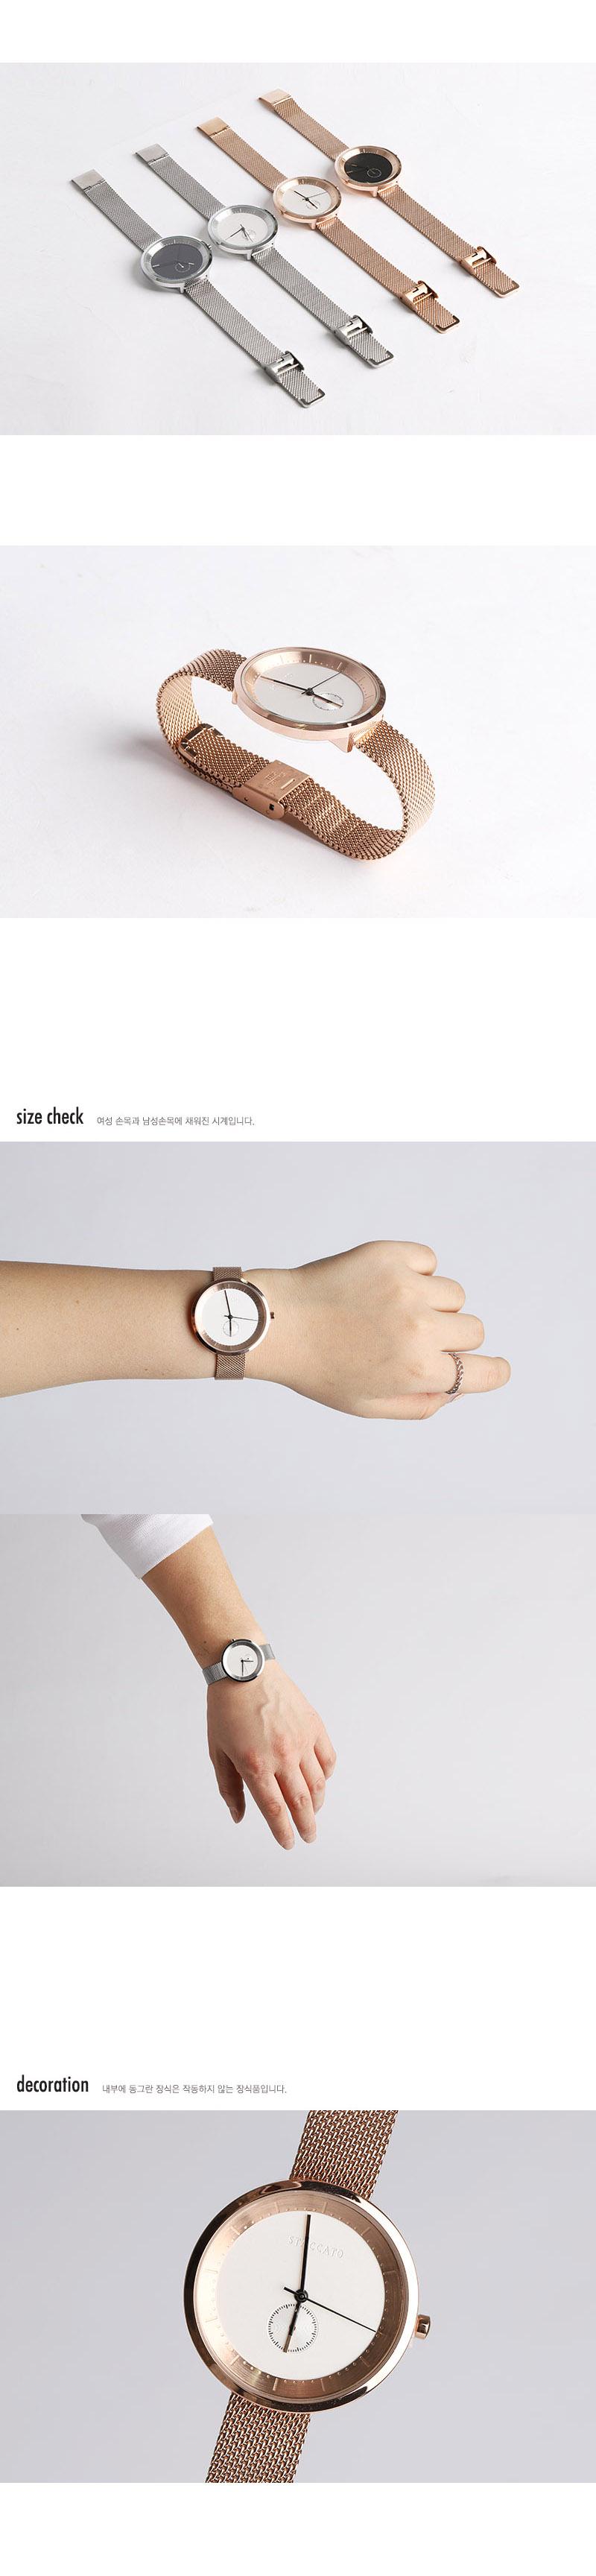 [플래그쉽] 슬로프 메탈 손목시계 542 [4컬러] (FLAGSHIP slope metal watch 542)